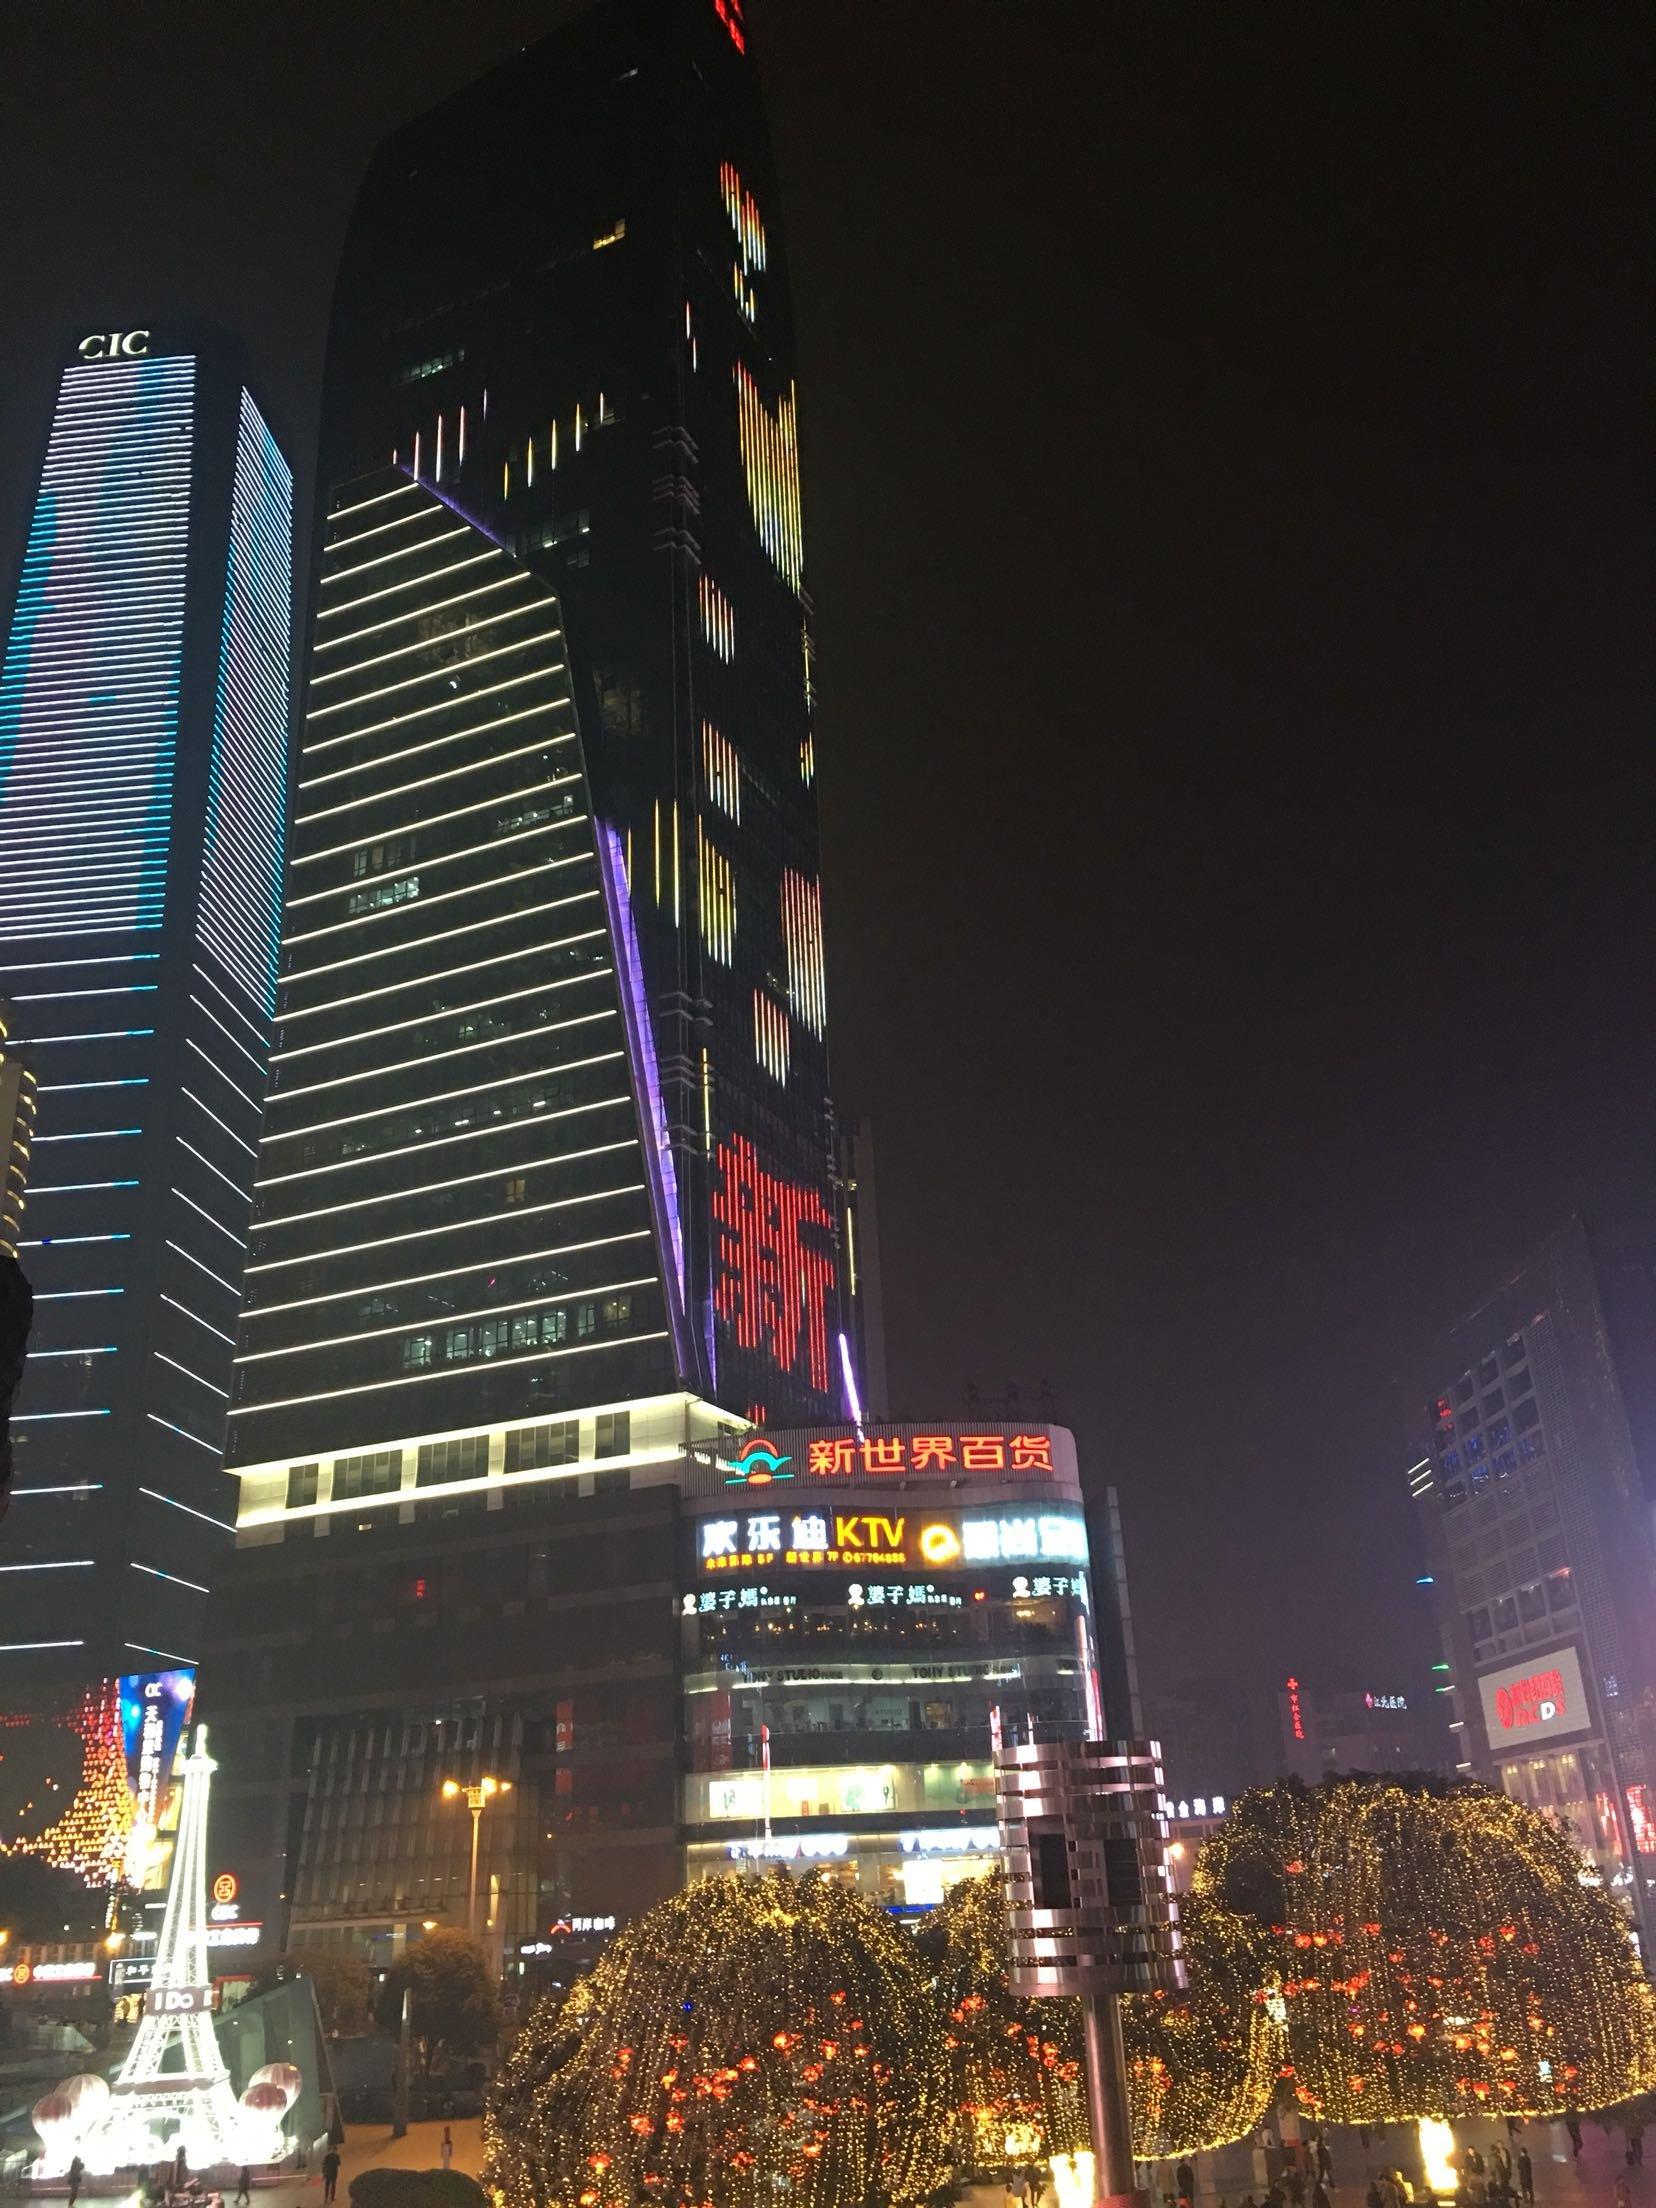 重庆市江北区观音桥东环路天气预报